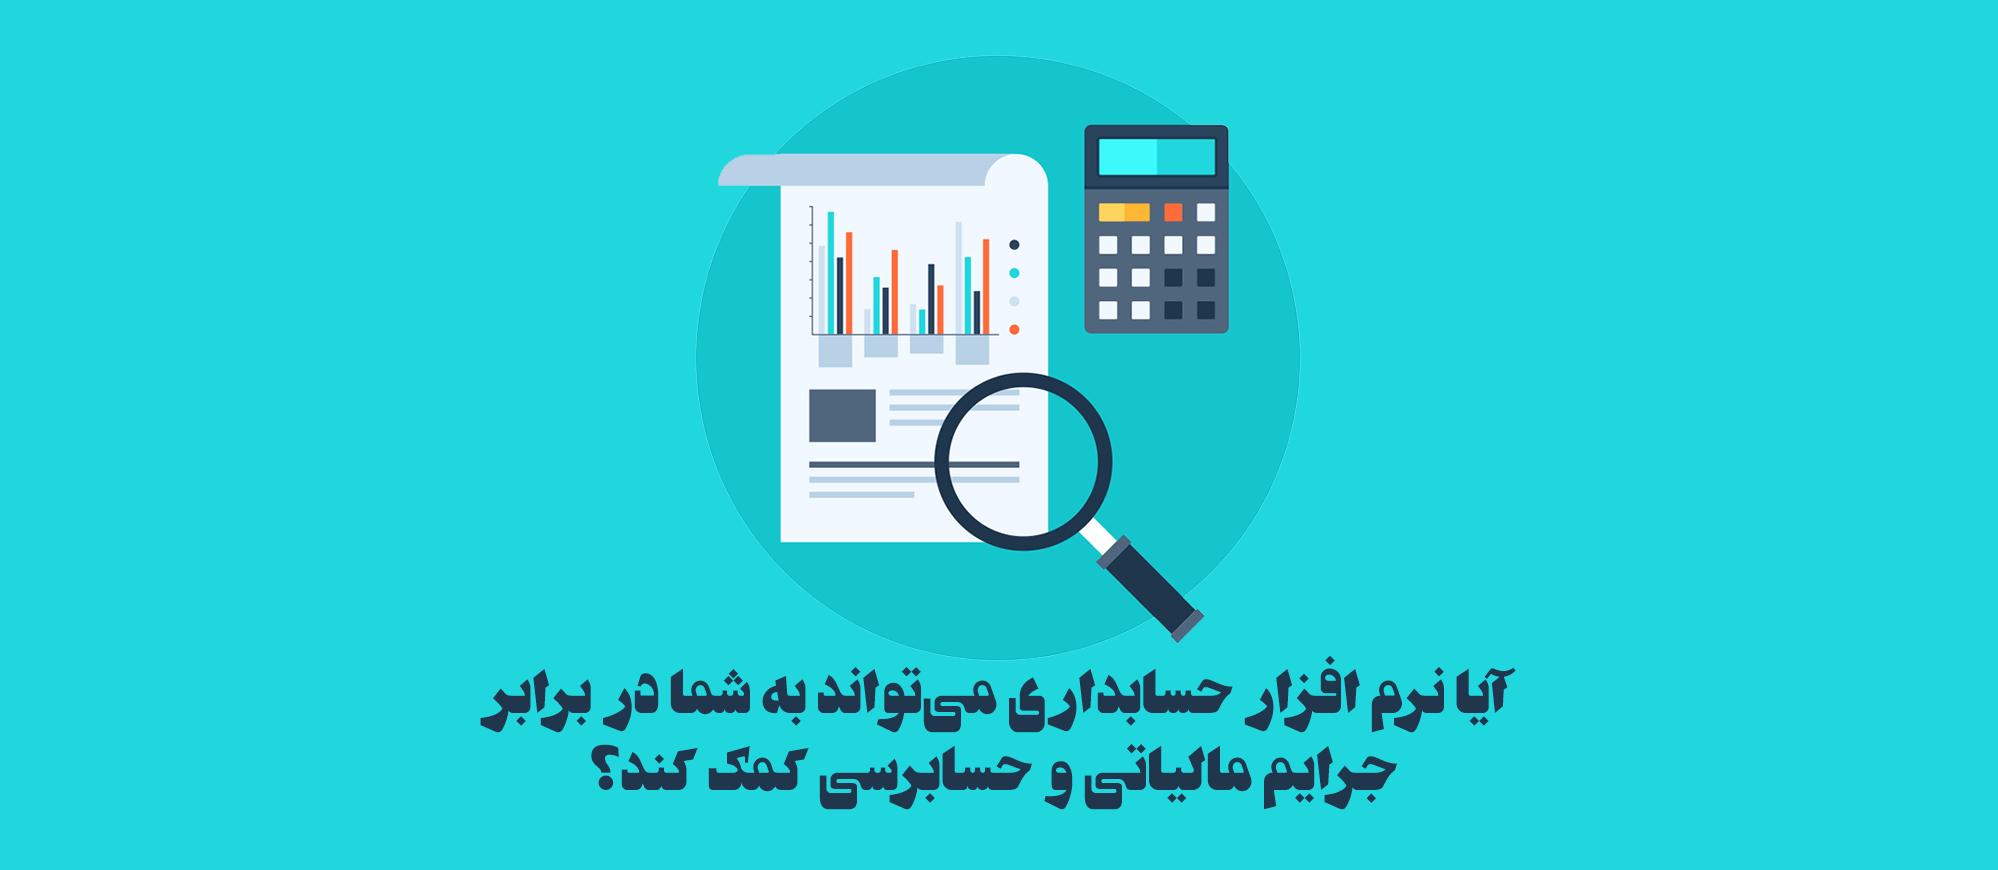 آیا نرم افزار حسابداری میتواند به شما در برابر جرایم مالیاتی و حسابرسی کمک کند؟